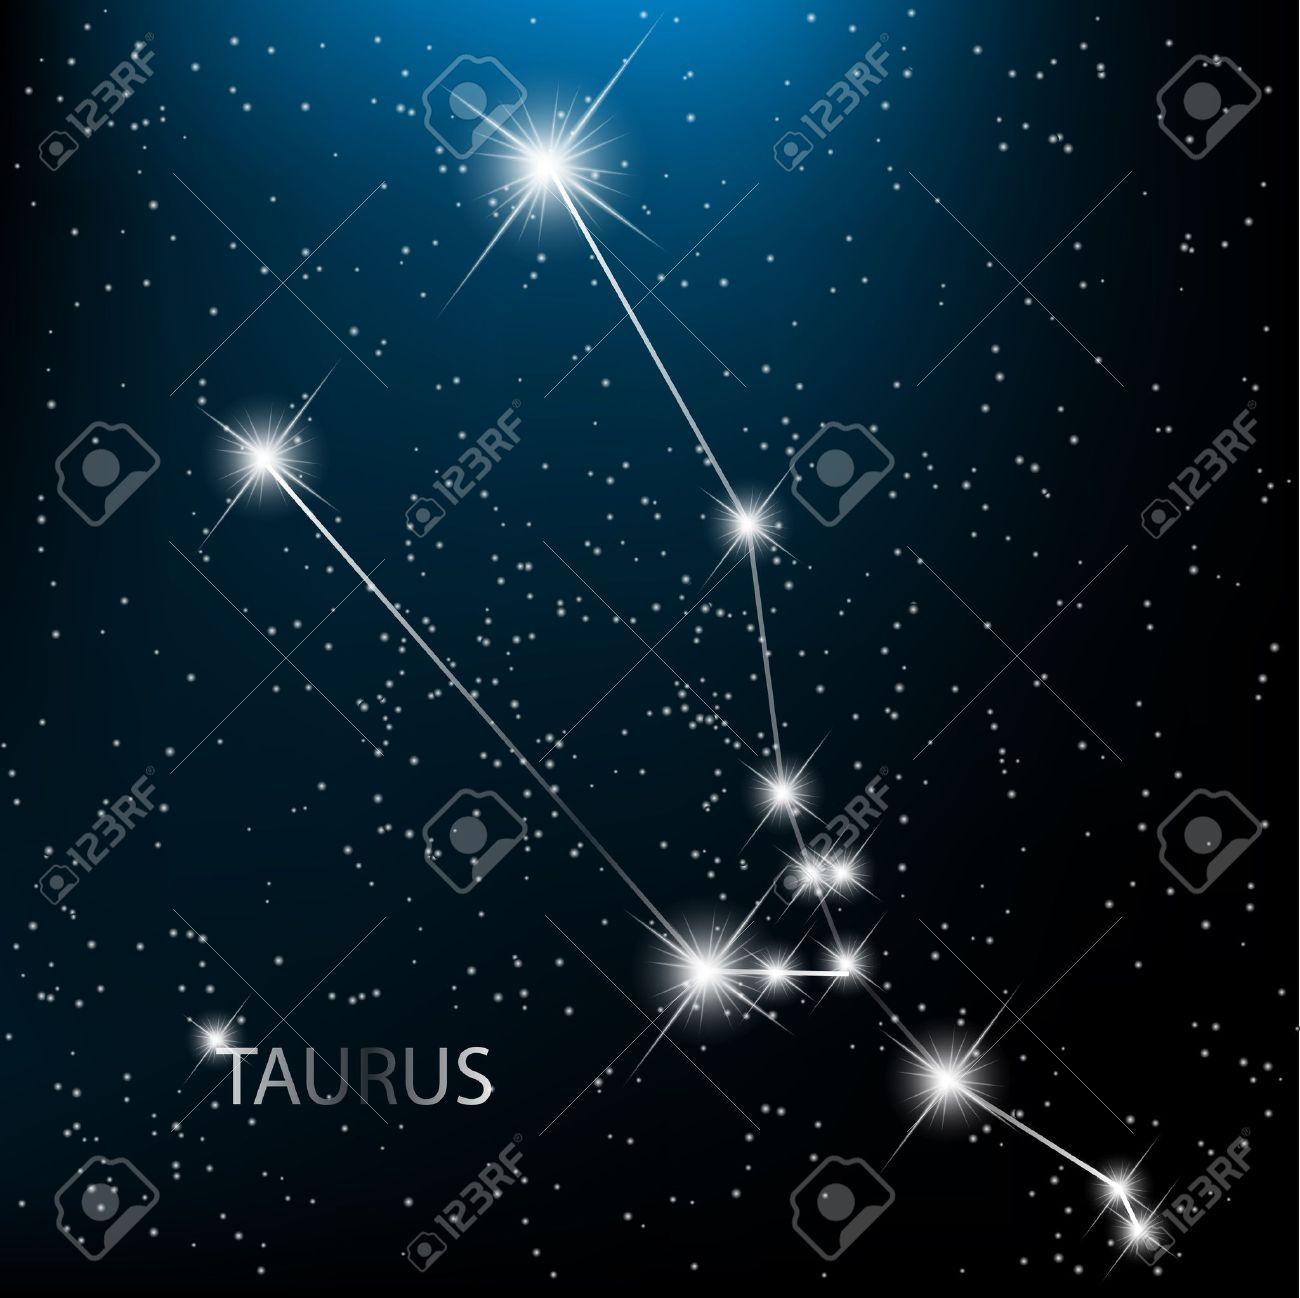 Horoscope: Taurus, star sign 31